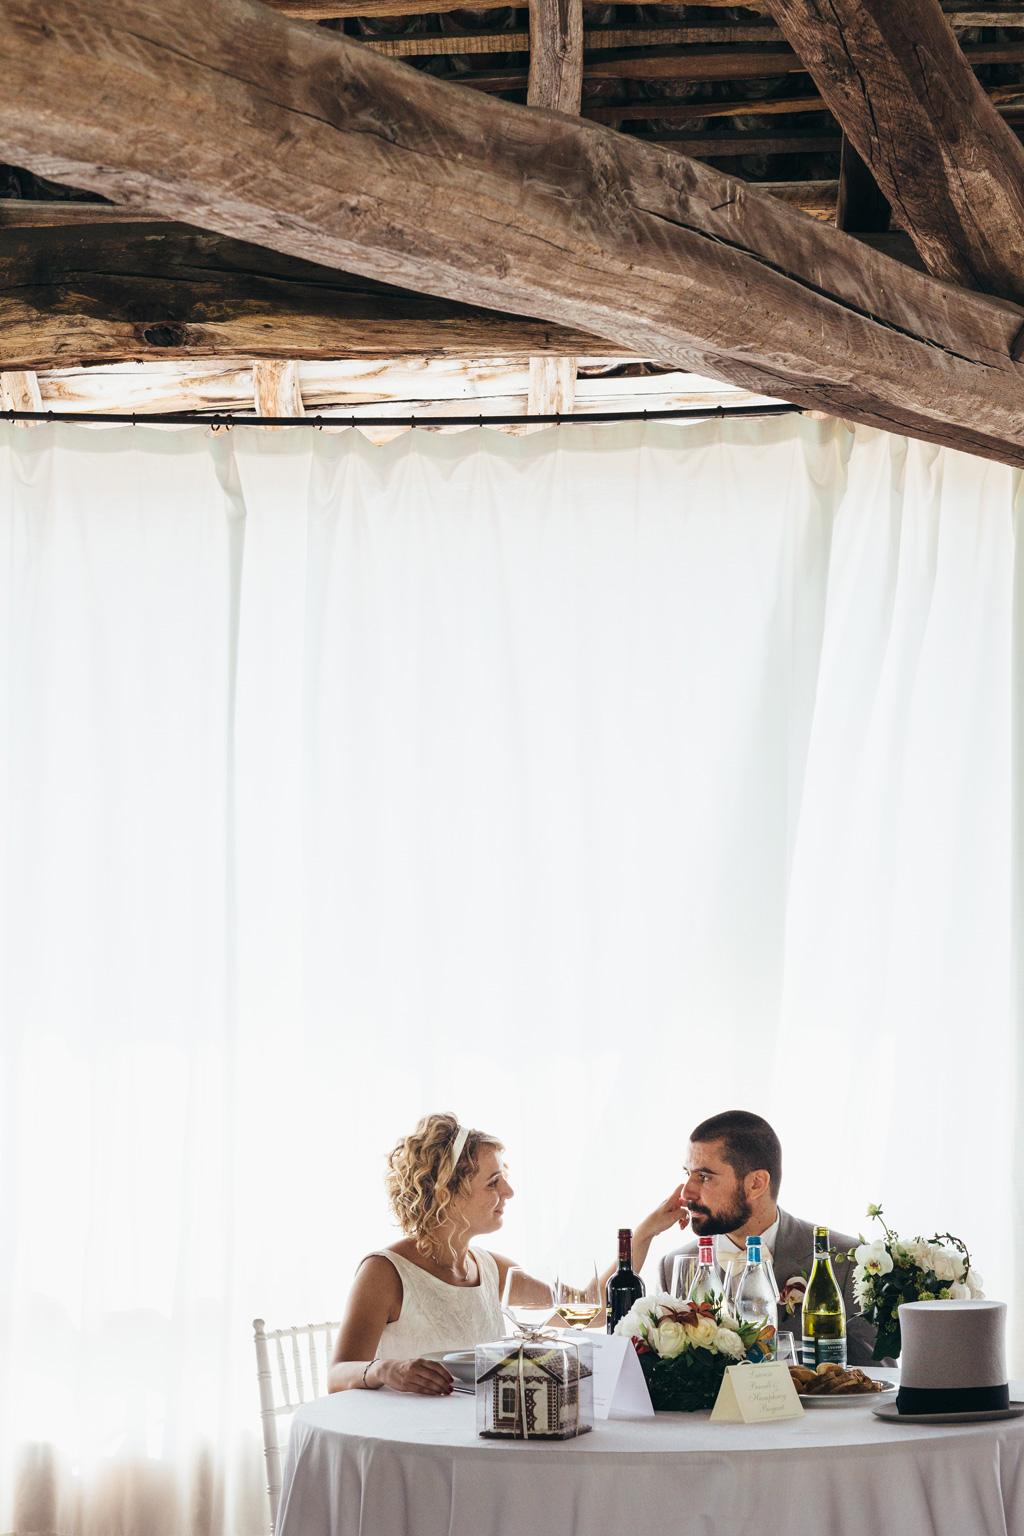 Lidia accarezza lo sposo durante il ricevimento